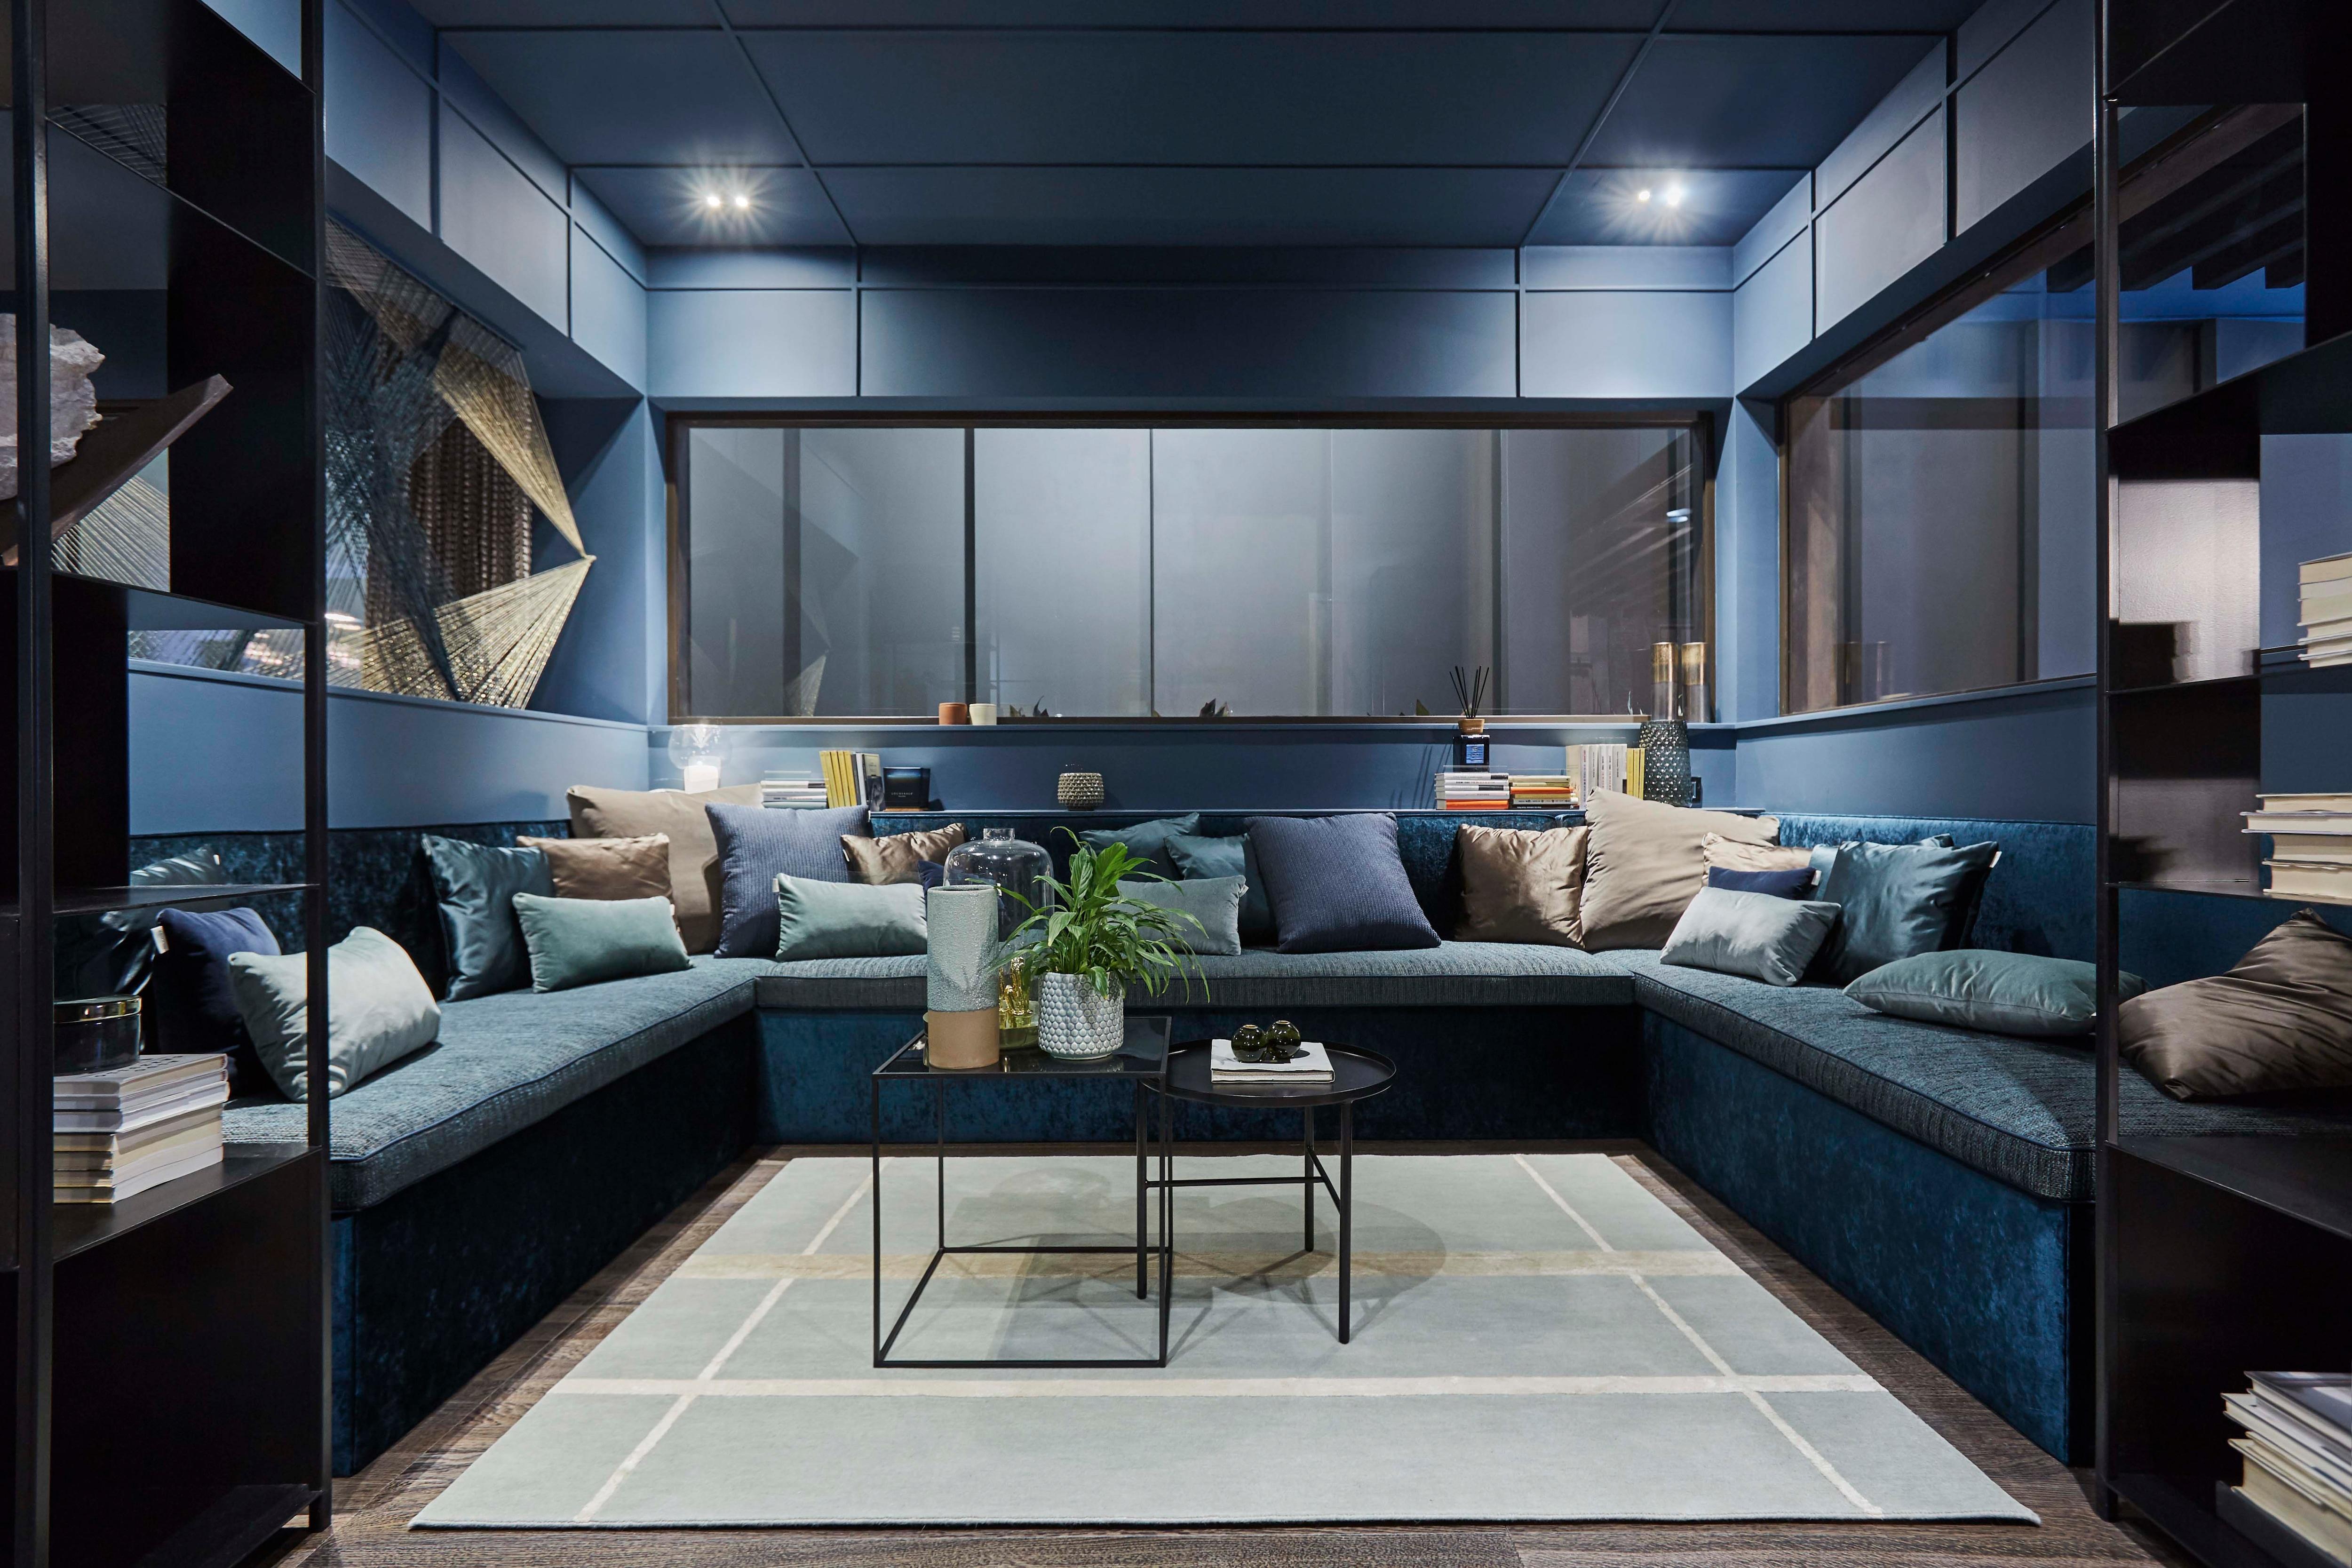 Design al top interni magazine andrea castrignano interior designer - Andrea castrignano interior designer ...